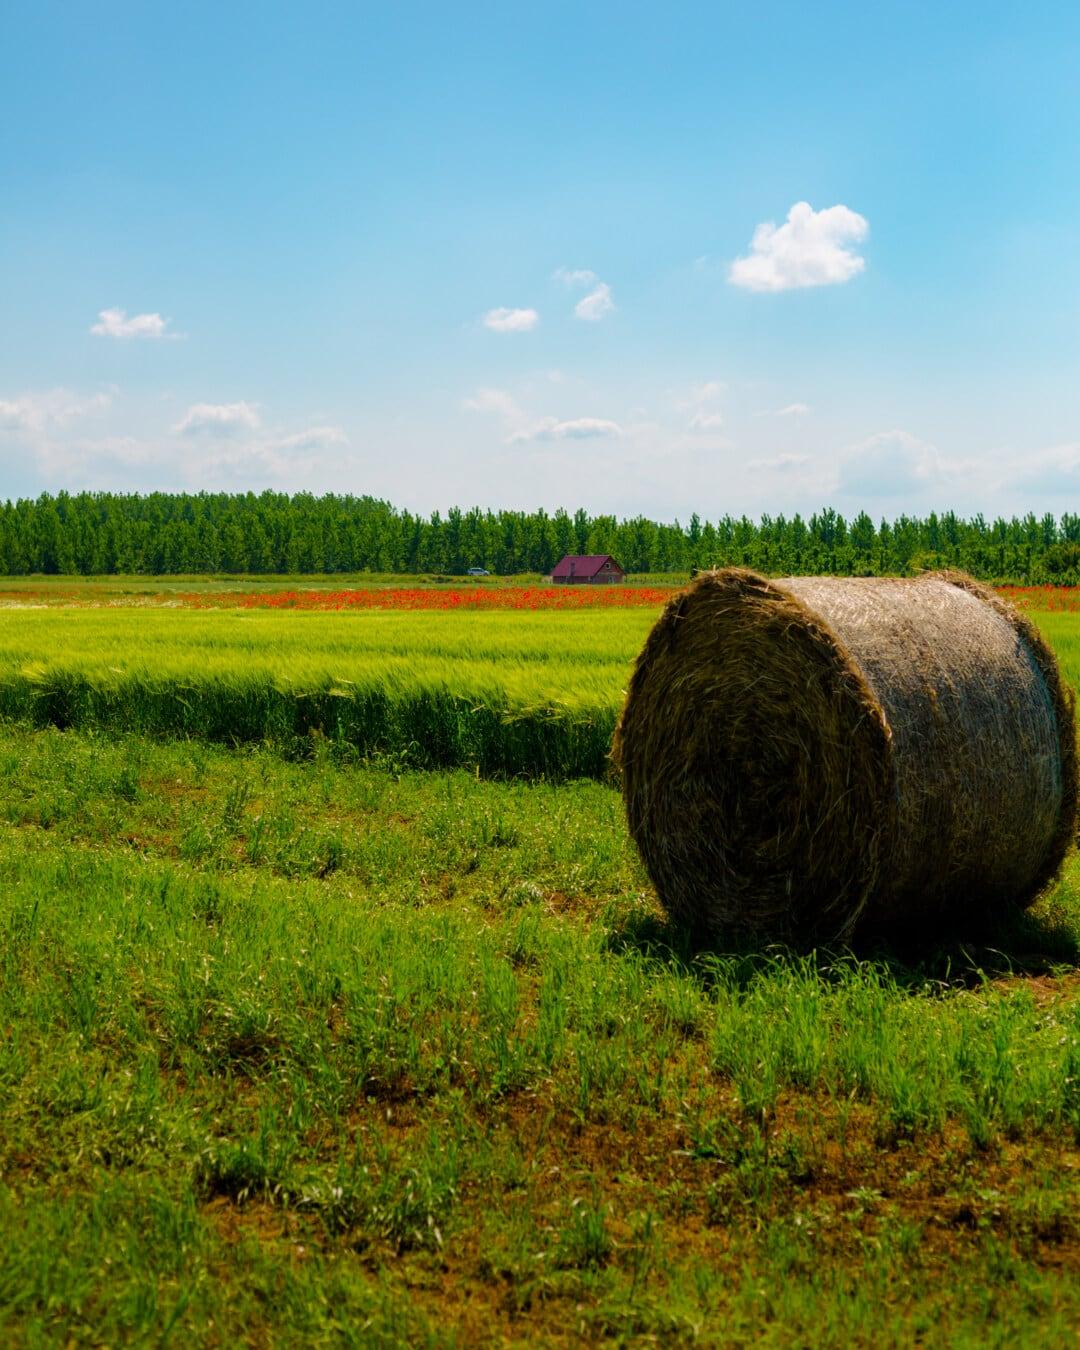 seno, sena, seno pole, sláma, jídlo, venkova, sklizeň, krajina, pole, informační kanál